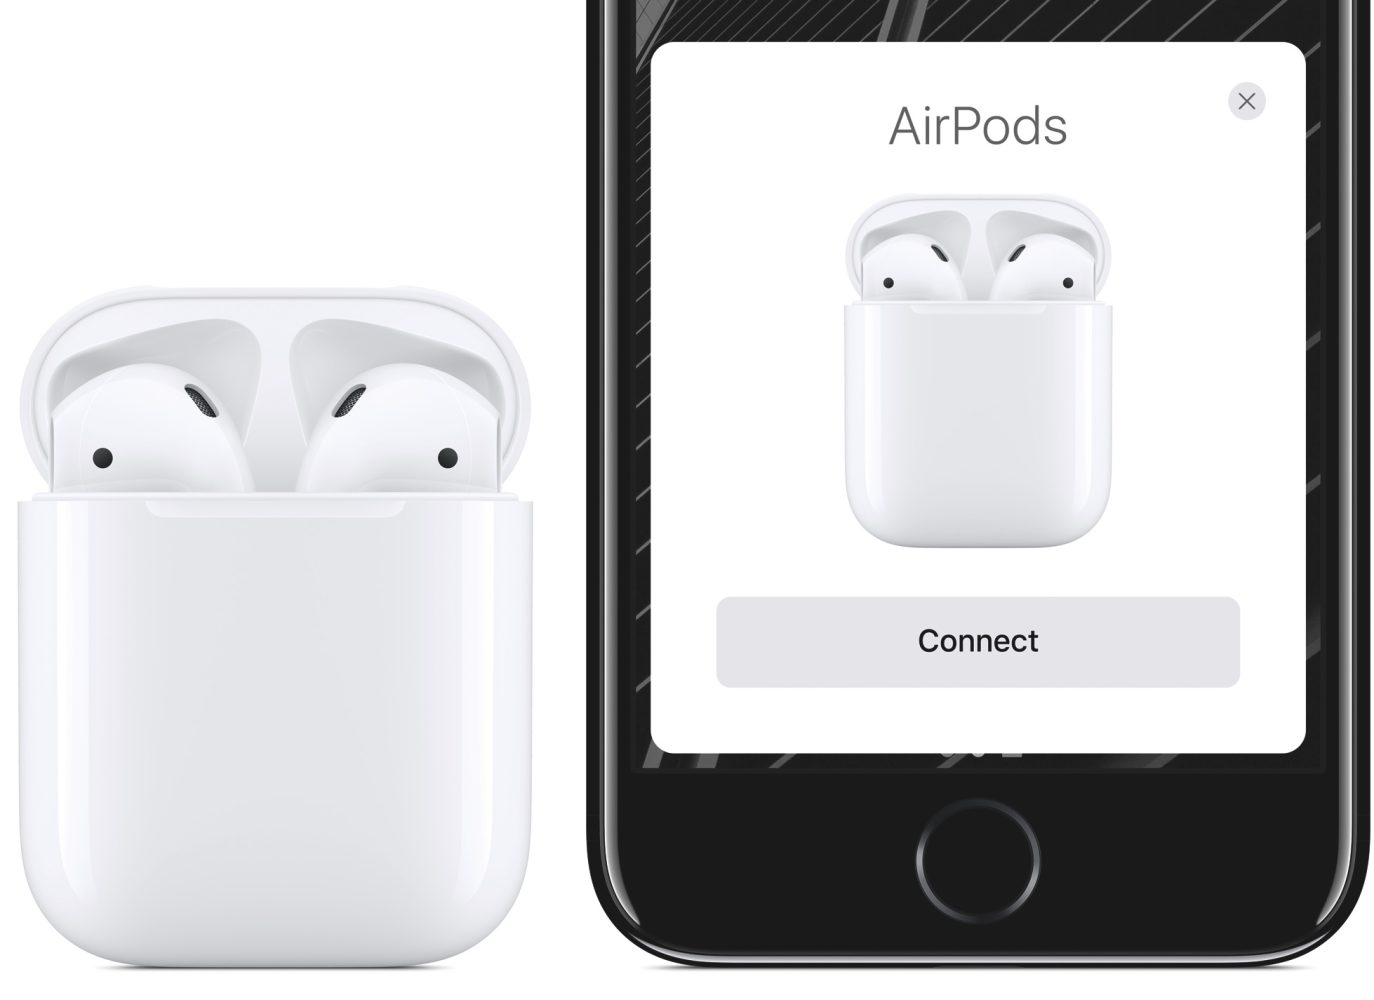 Certains écouteurs sous Android vont maintenant être aussi simples à appairer que des AirPods